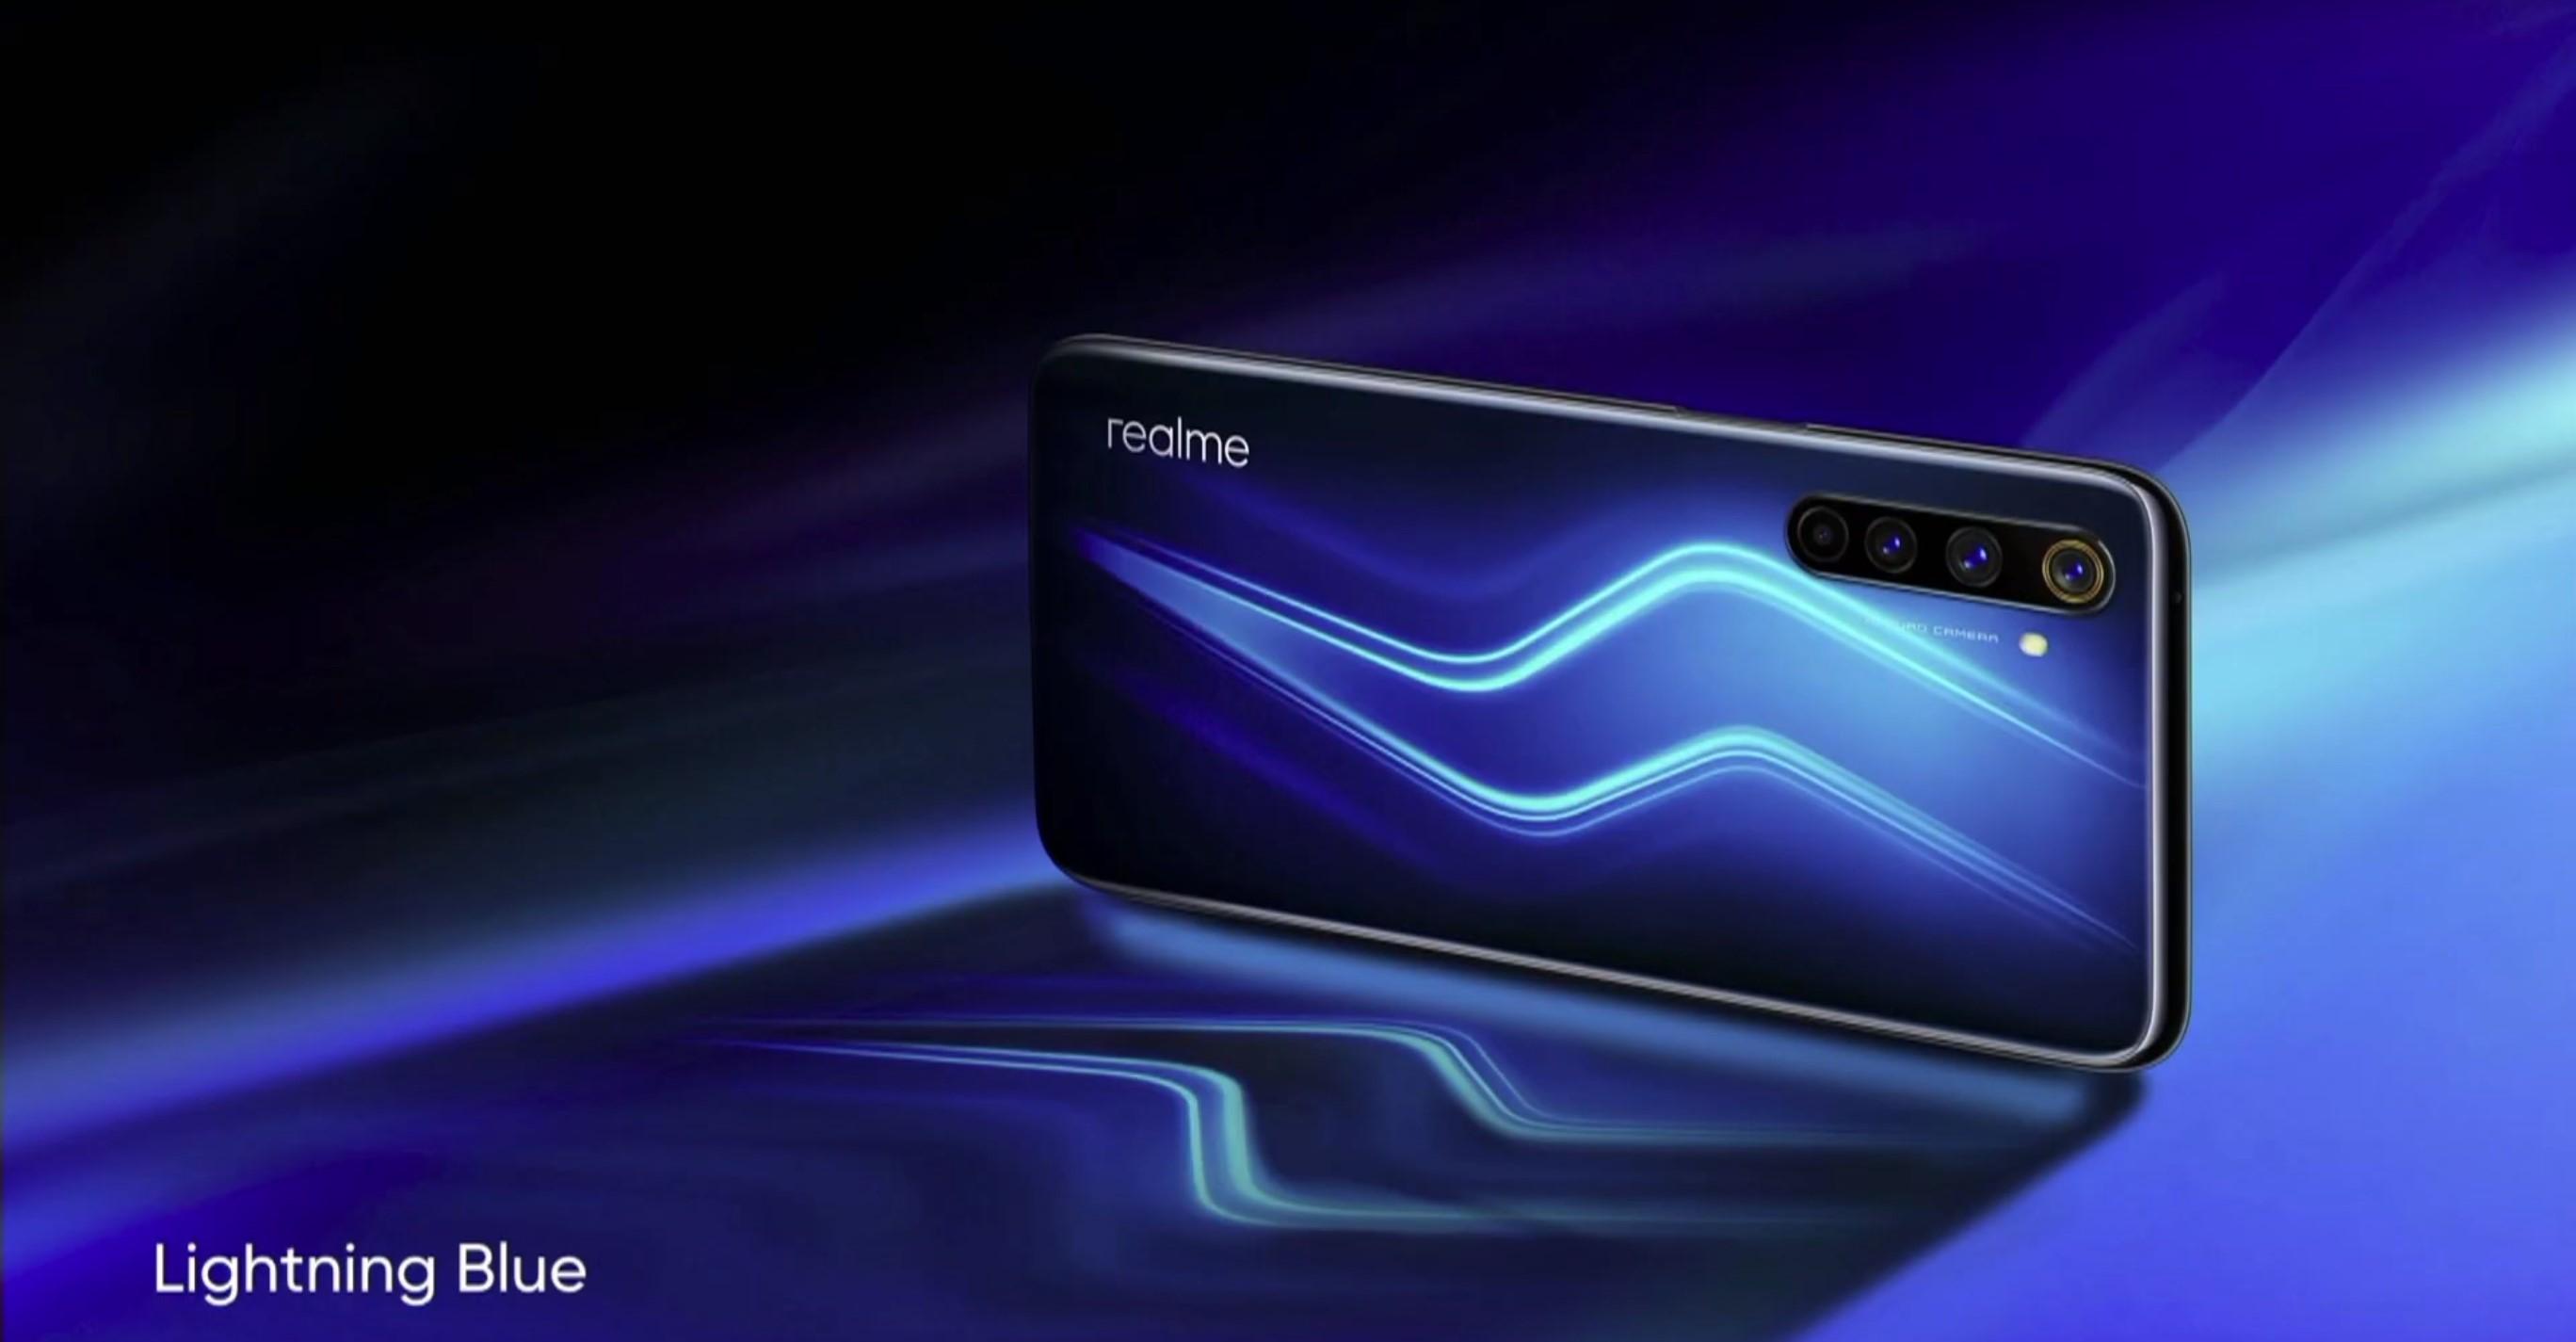 Już wiemy, gdzie będzie można kupić smartfony Realme w Polsce 18